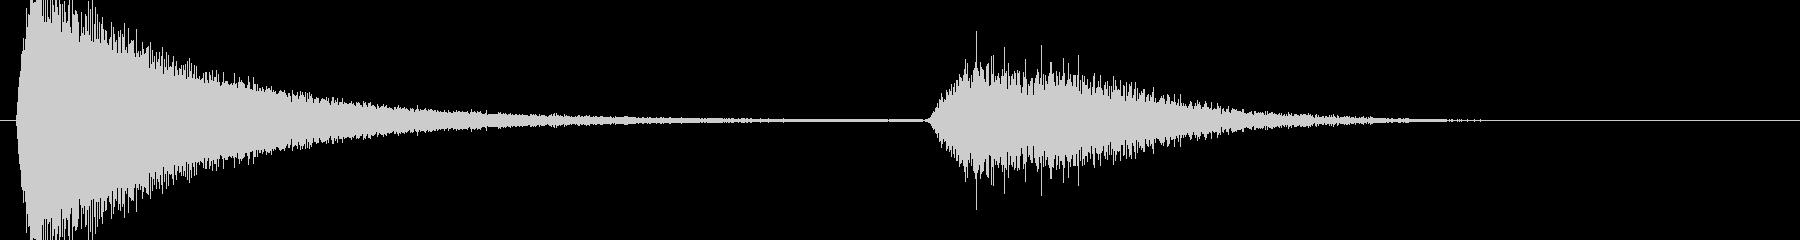 バリアを張るような効果音ですの未再生の波形